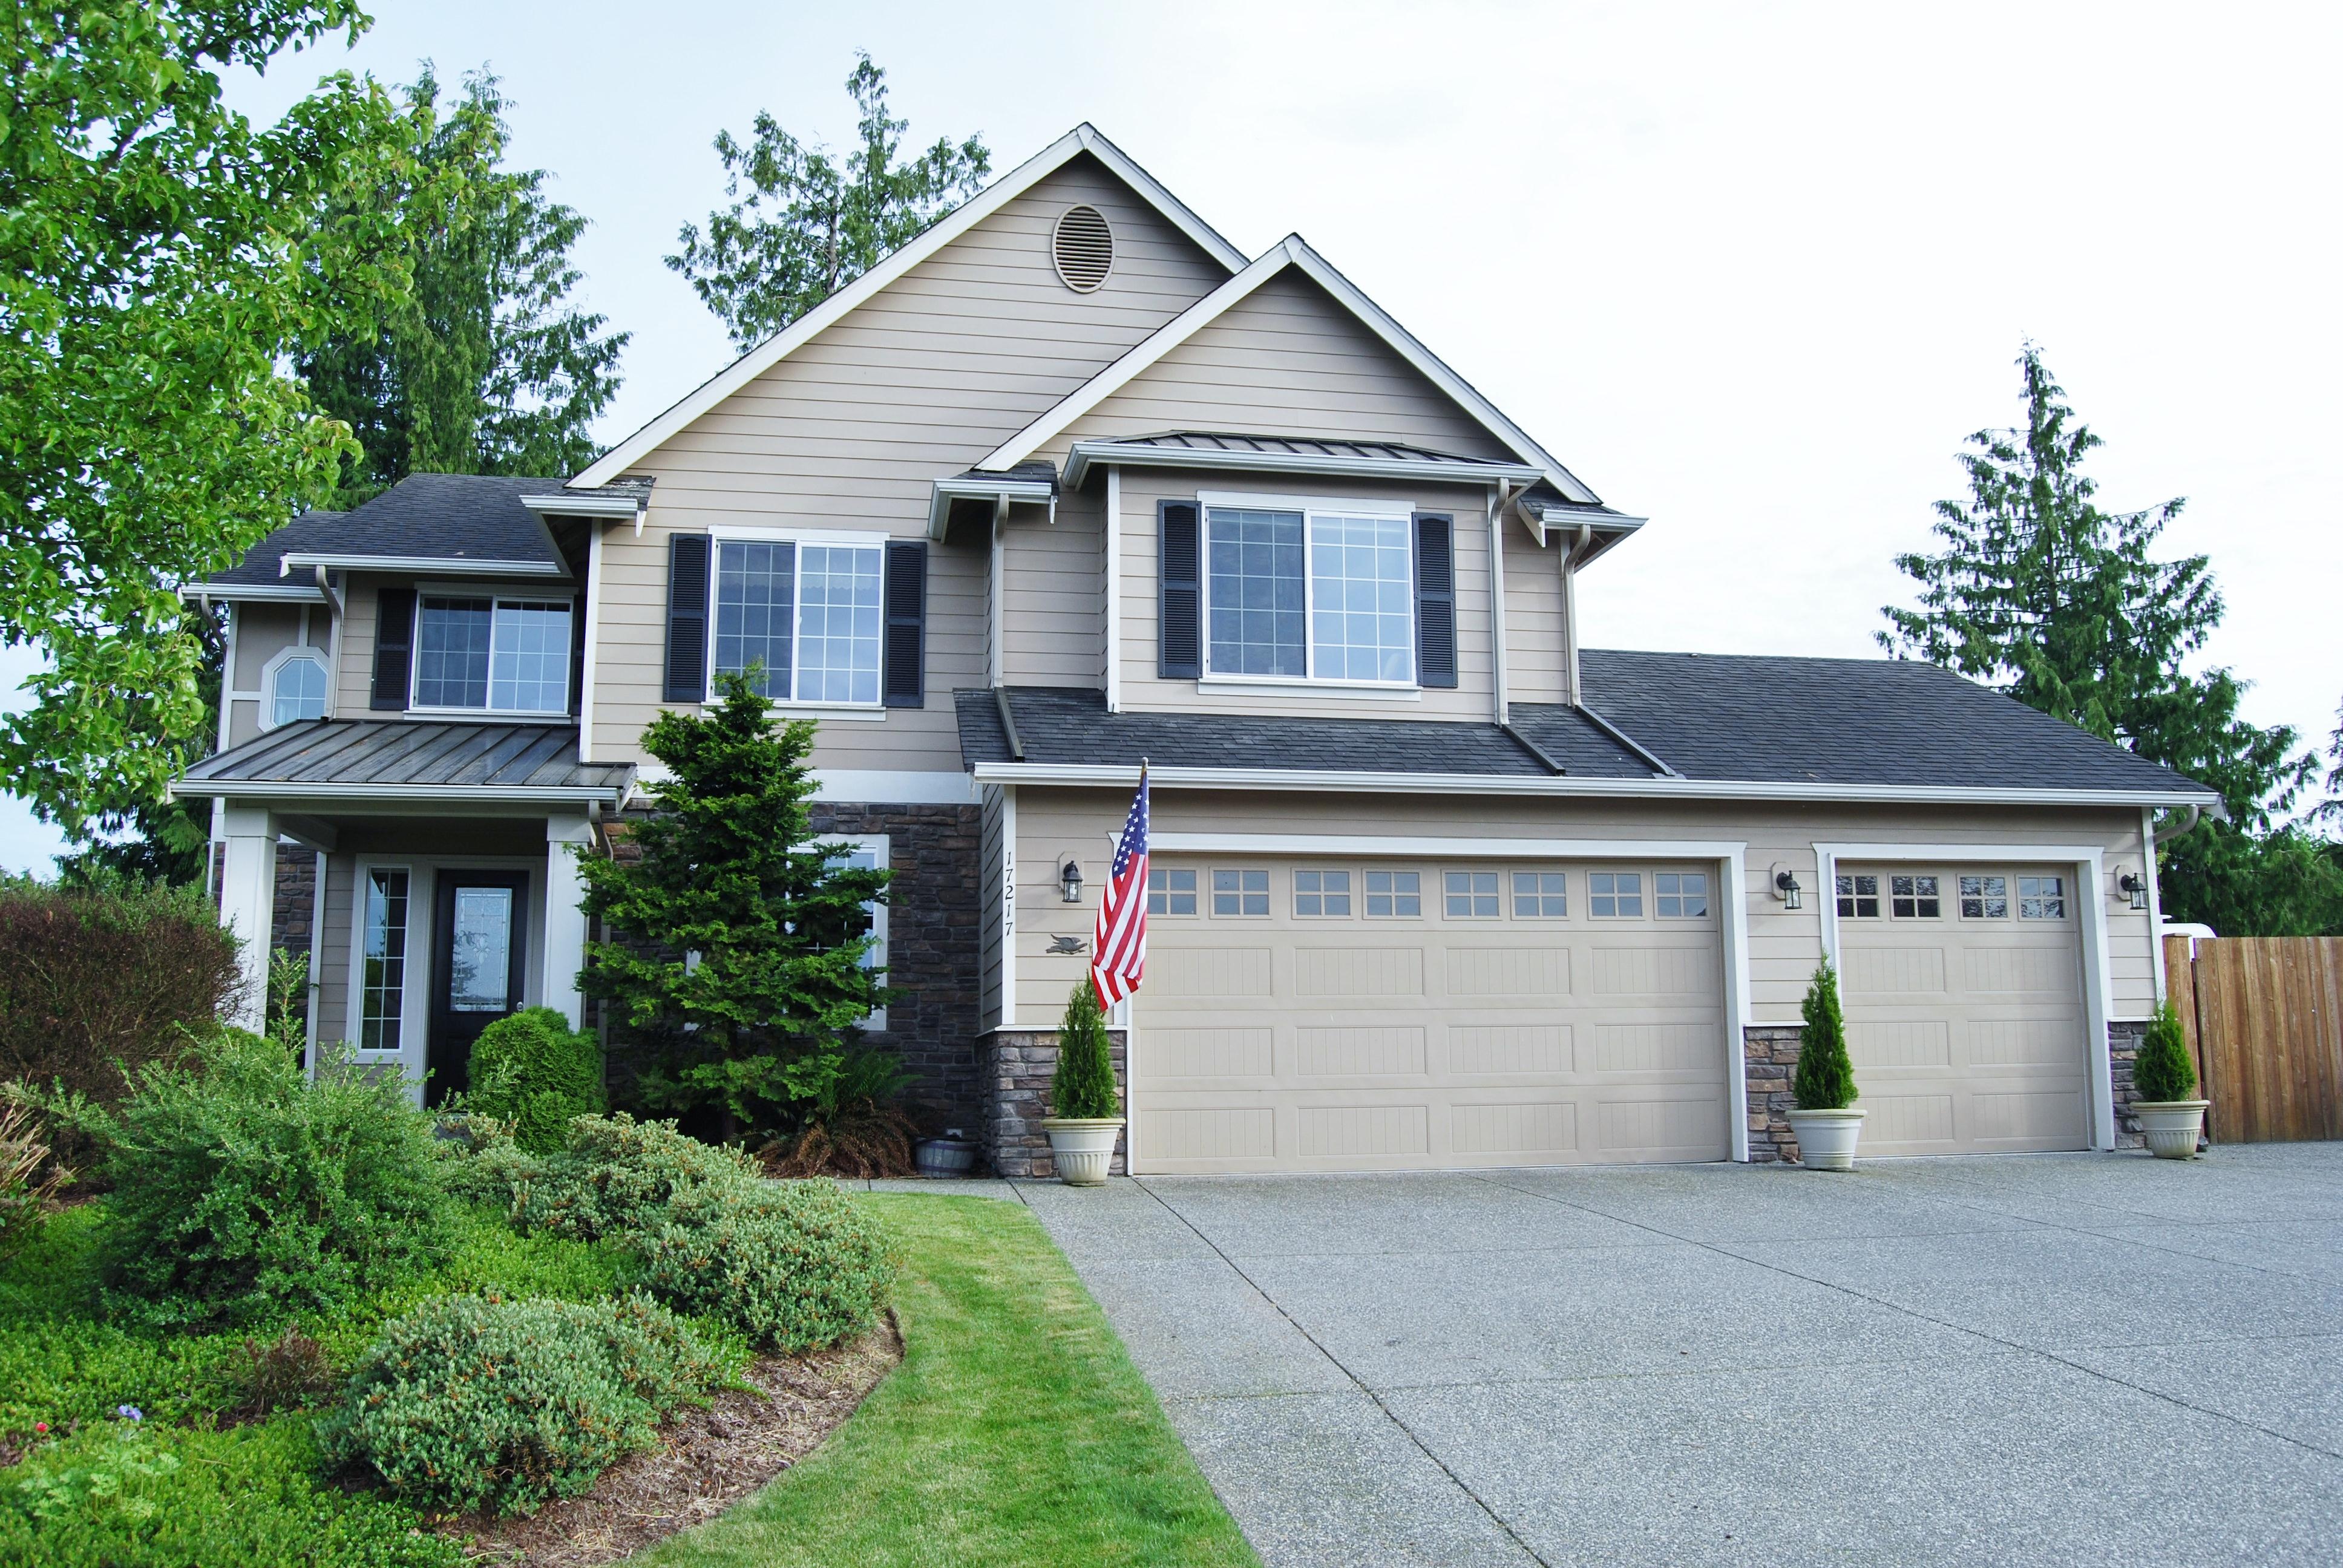 Nookachamp Hills - 4 Bedroom Home for Sale - Mount Vernon, WA